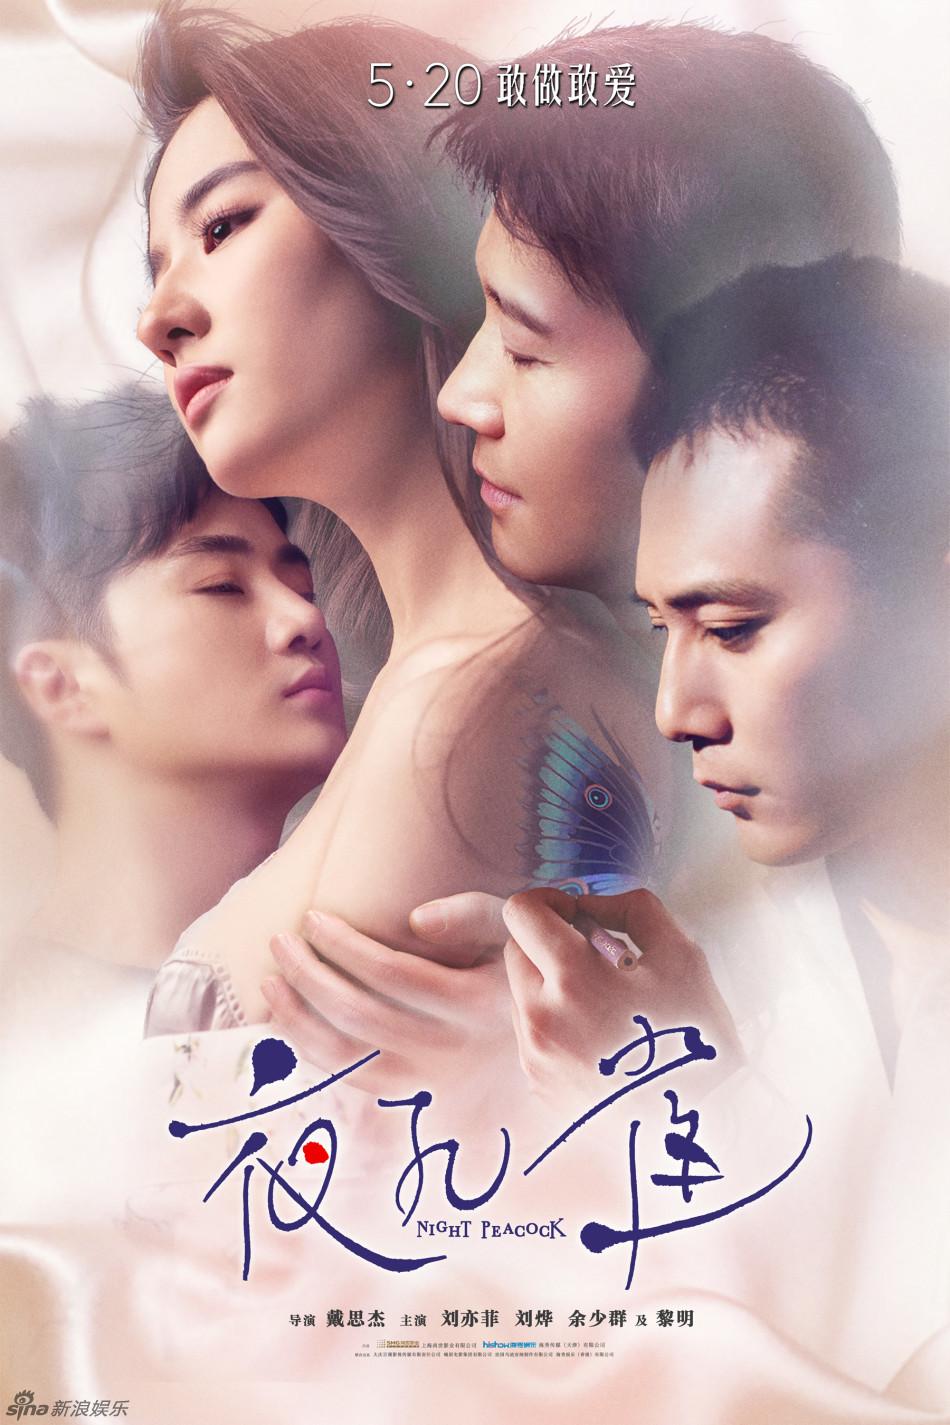 组图:《夜孔雀》终极海报 三男同时爱上刘亦菲